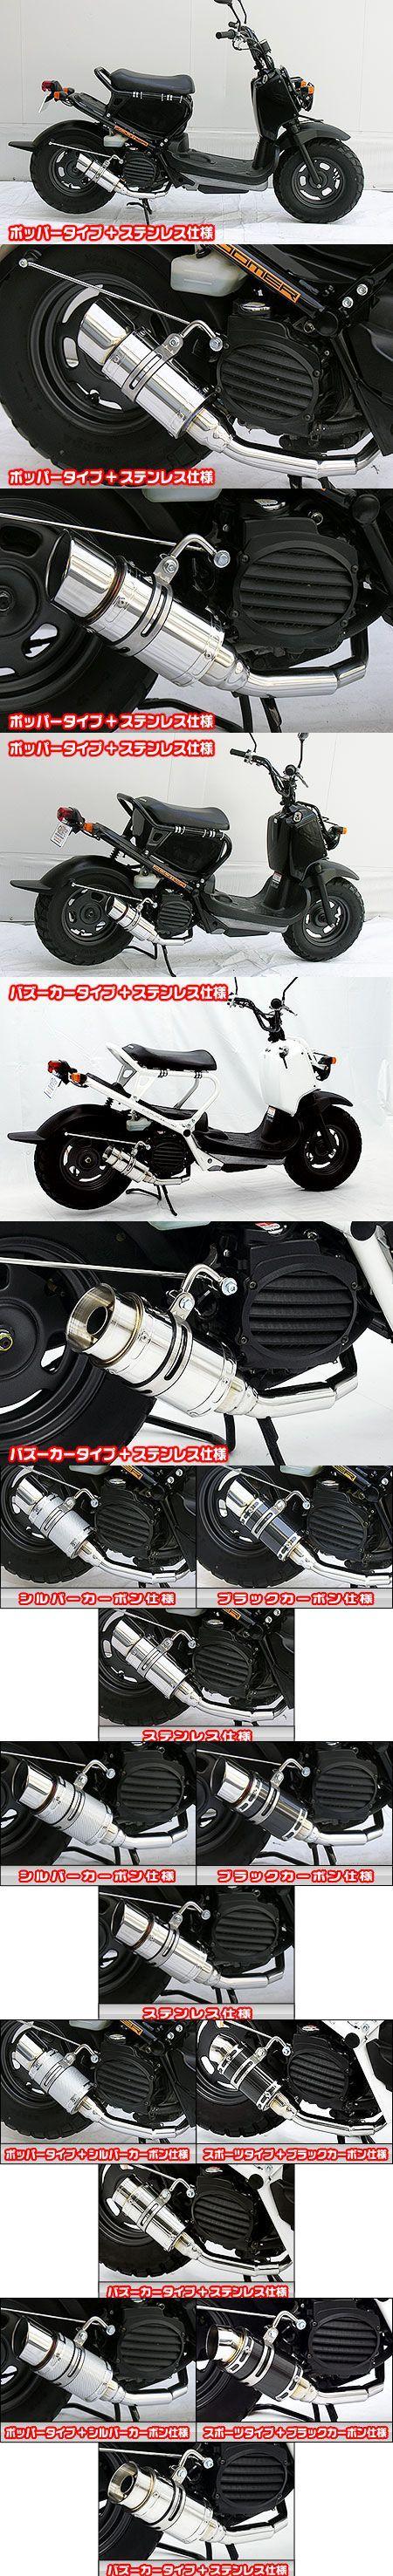 【WirusWin】Tiger auto聯名款 Fat Bomber全段排氣管 火箭筒型 不鏽鋼款式 - 「Webike-摩托百貨」